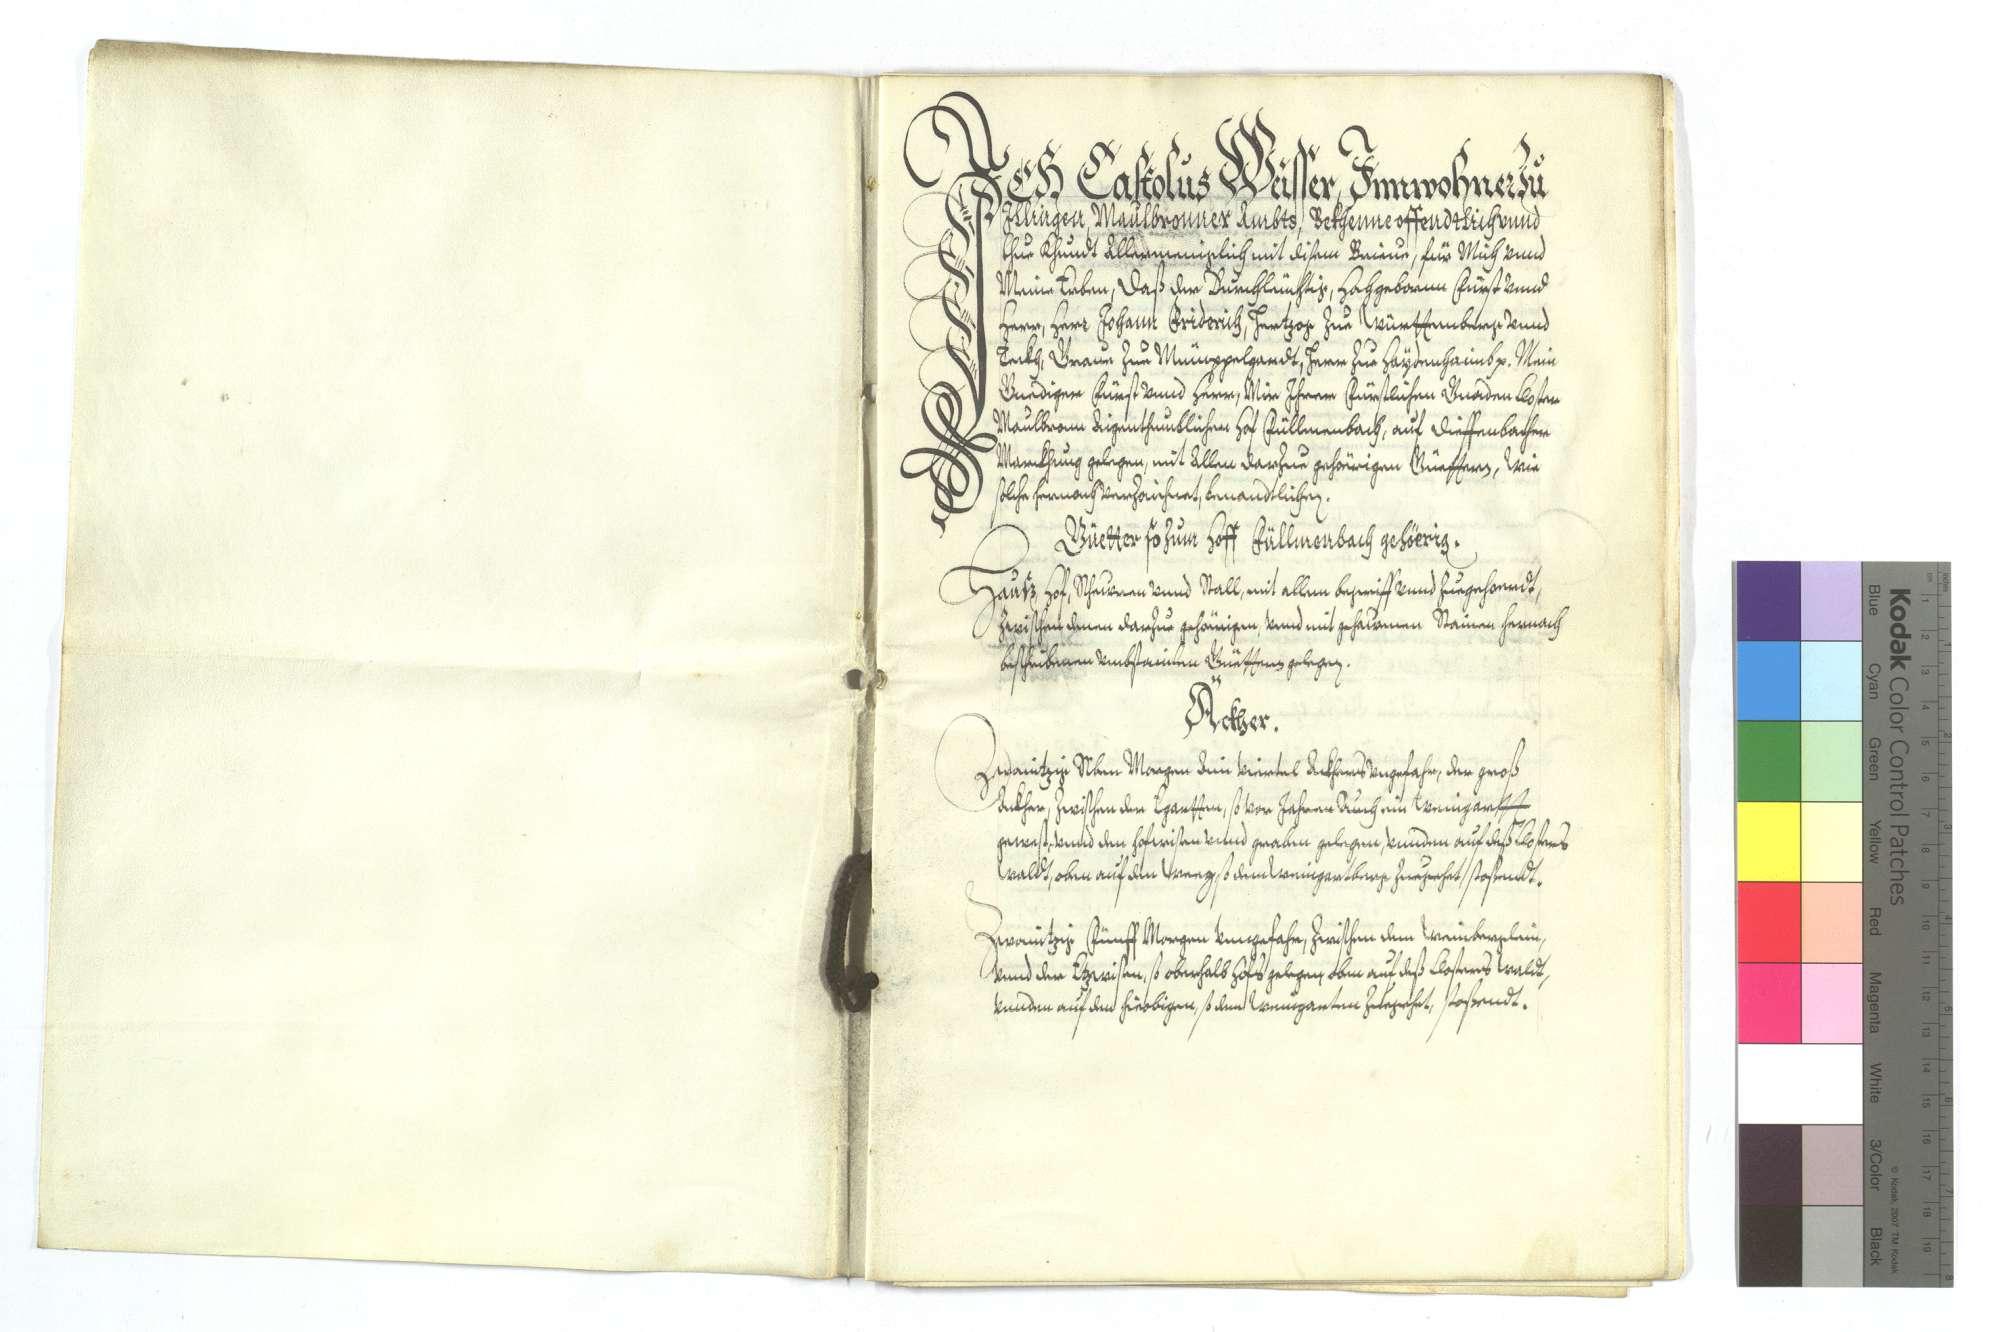 Verschreibung Castolus Weissers von Illingen, als Herzog Johann Friedrich ihm den Füllmenbacher Hof um 2.000 Gulden verkauft und noch ein bezeichnetes Stück Wald für 100 Gulden in den Kauf gegeben hat., Bild 2